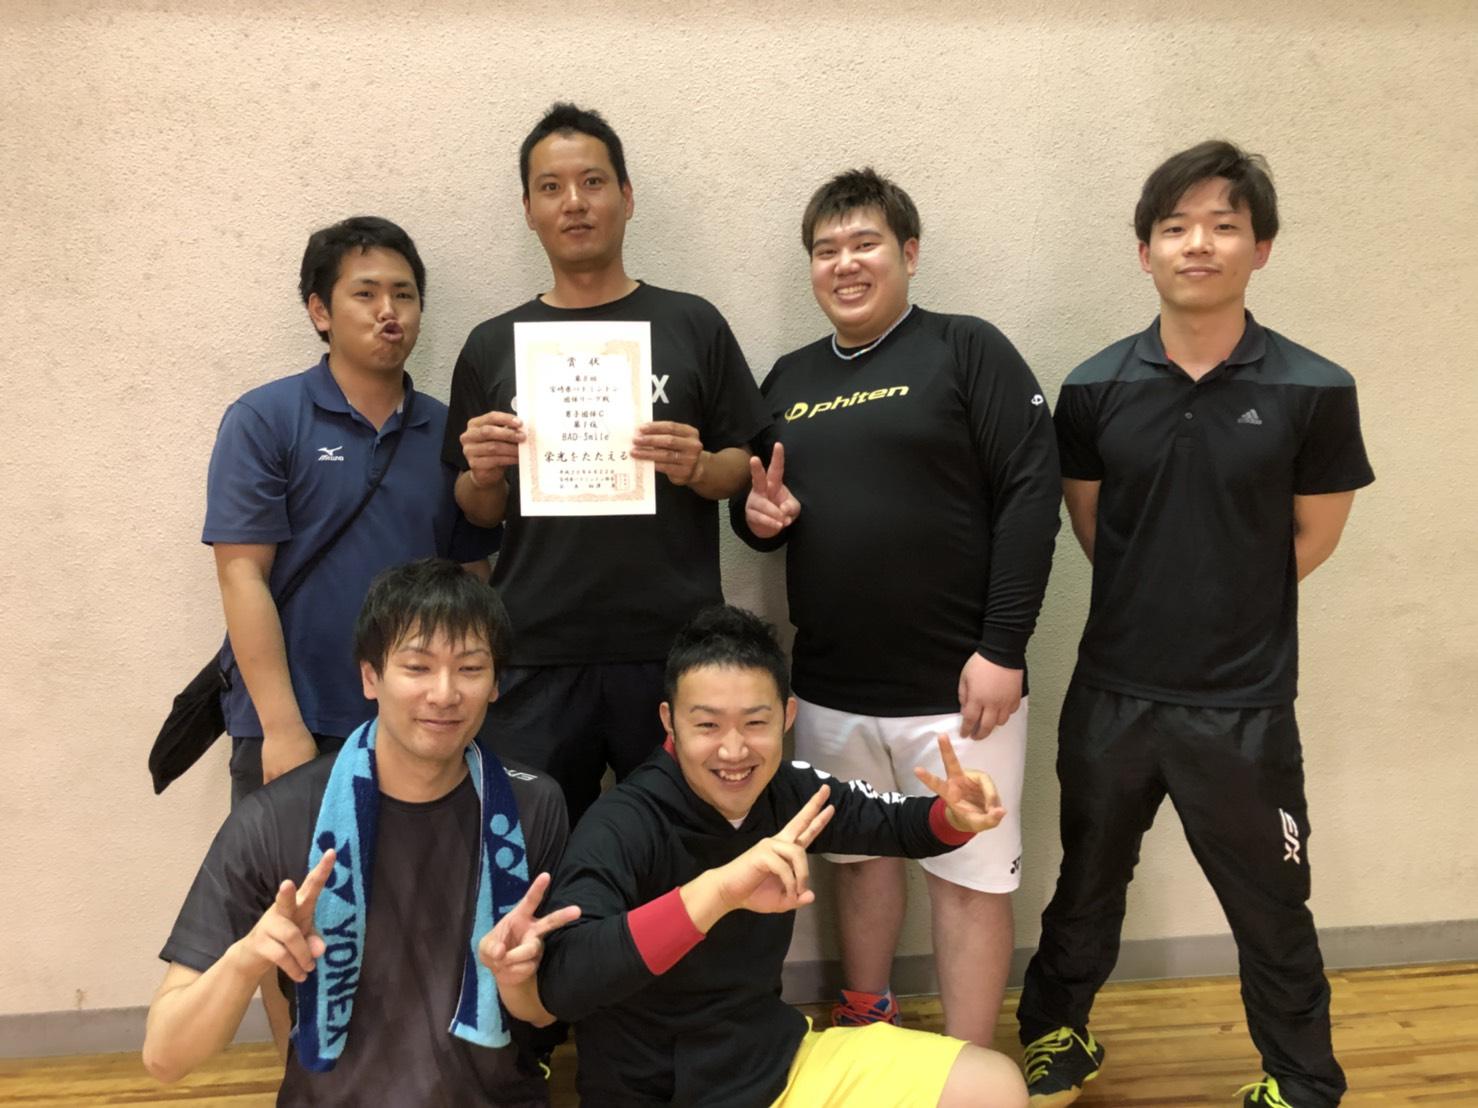 第8回宮崎県団体リーグ戦大会